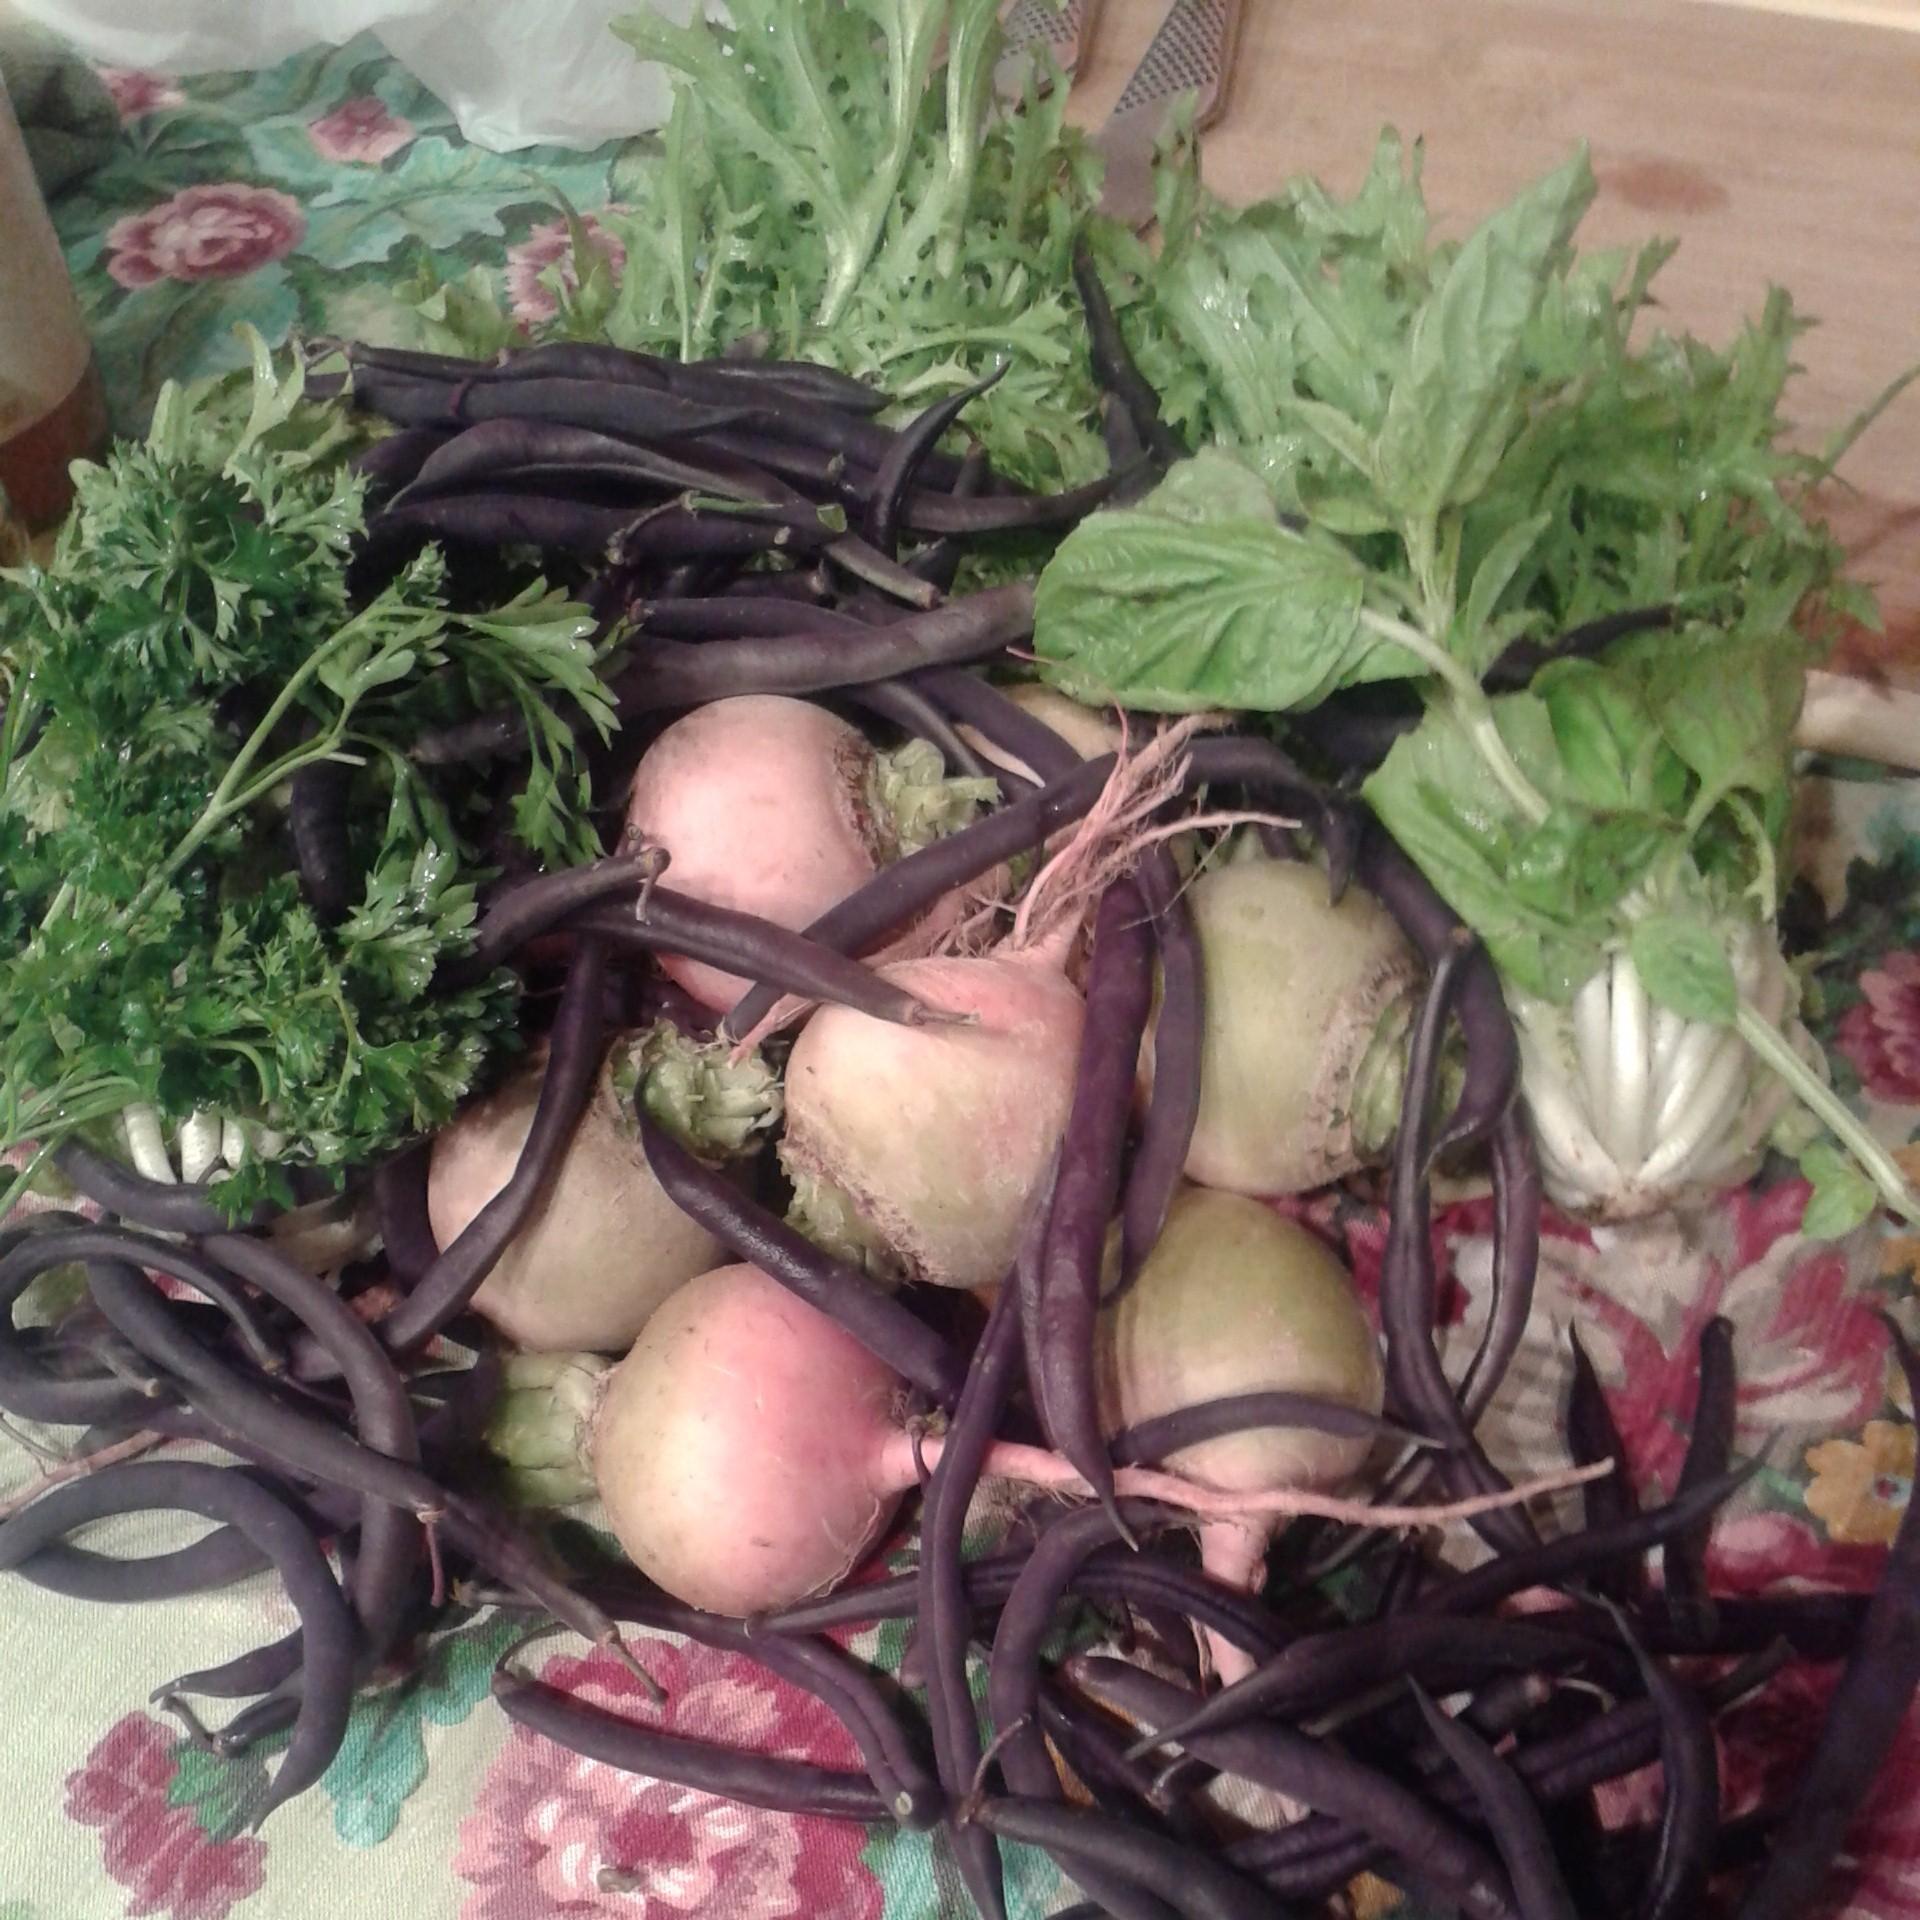 frisee, radishes + beans